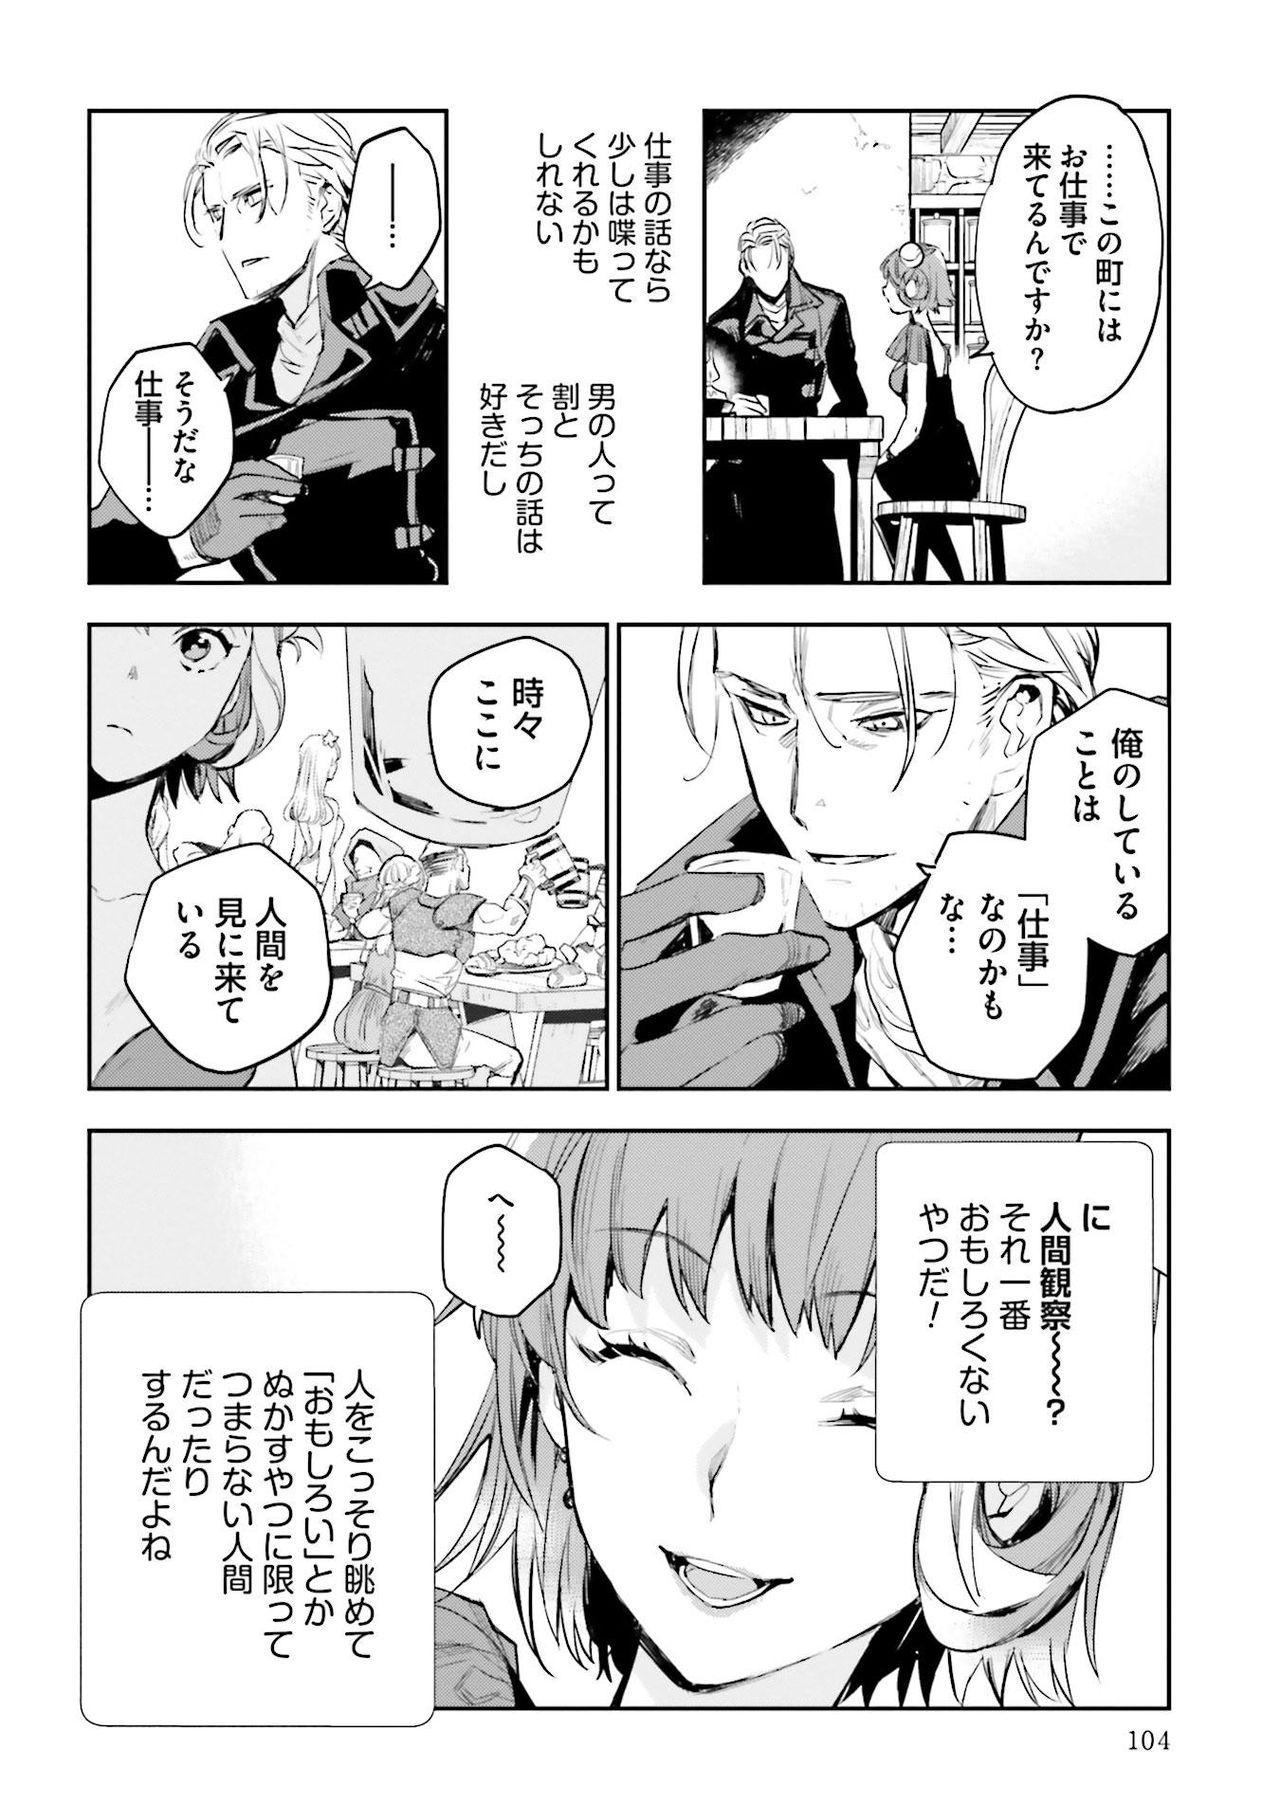 JK Haru wa Isekai de Shoufu ni Natta 1-14 463